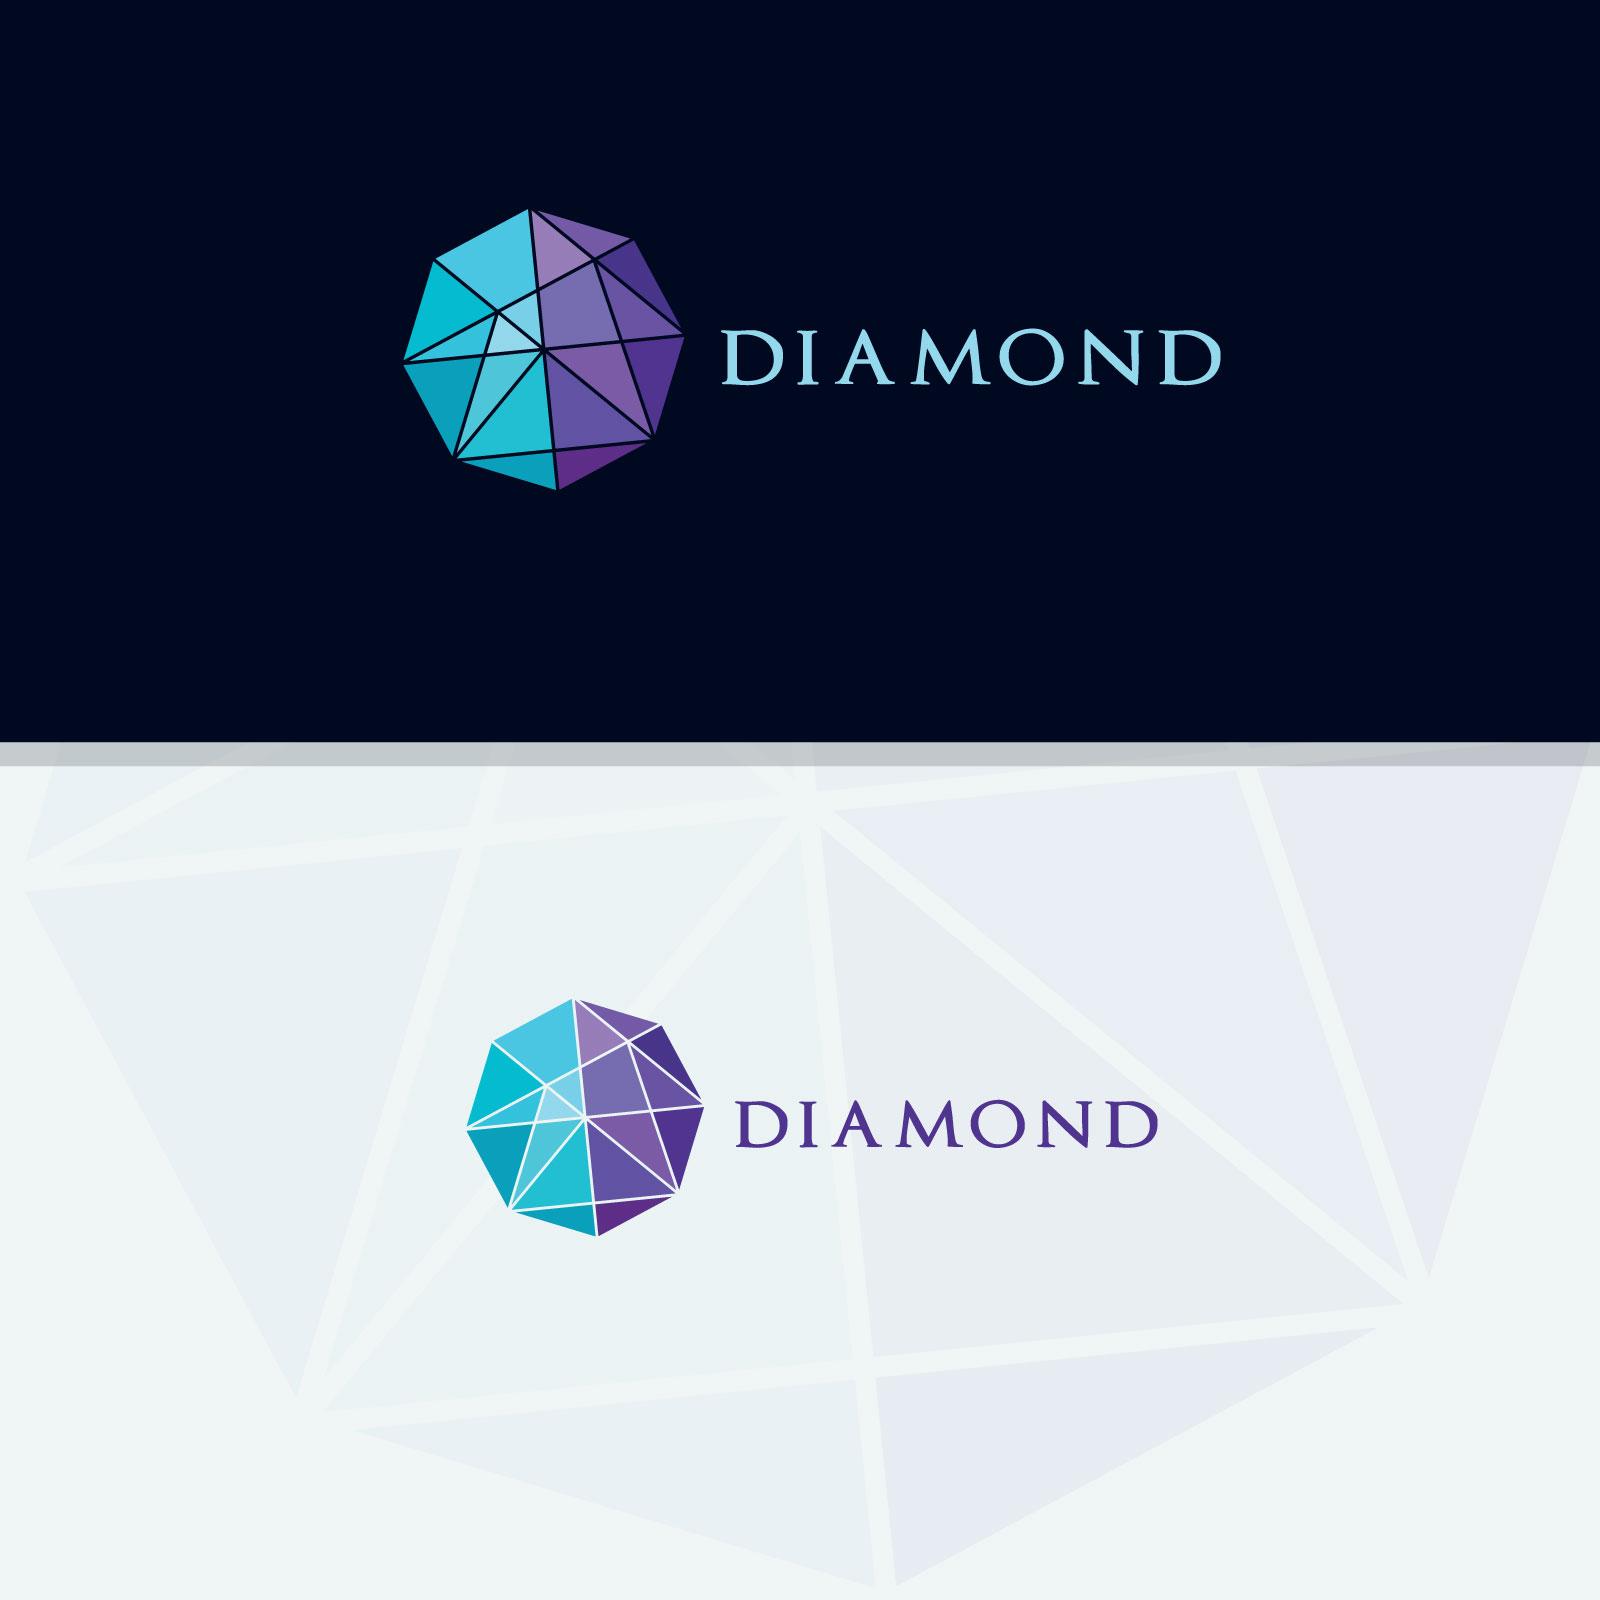 Diamond vector logos collection example image 4